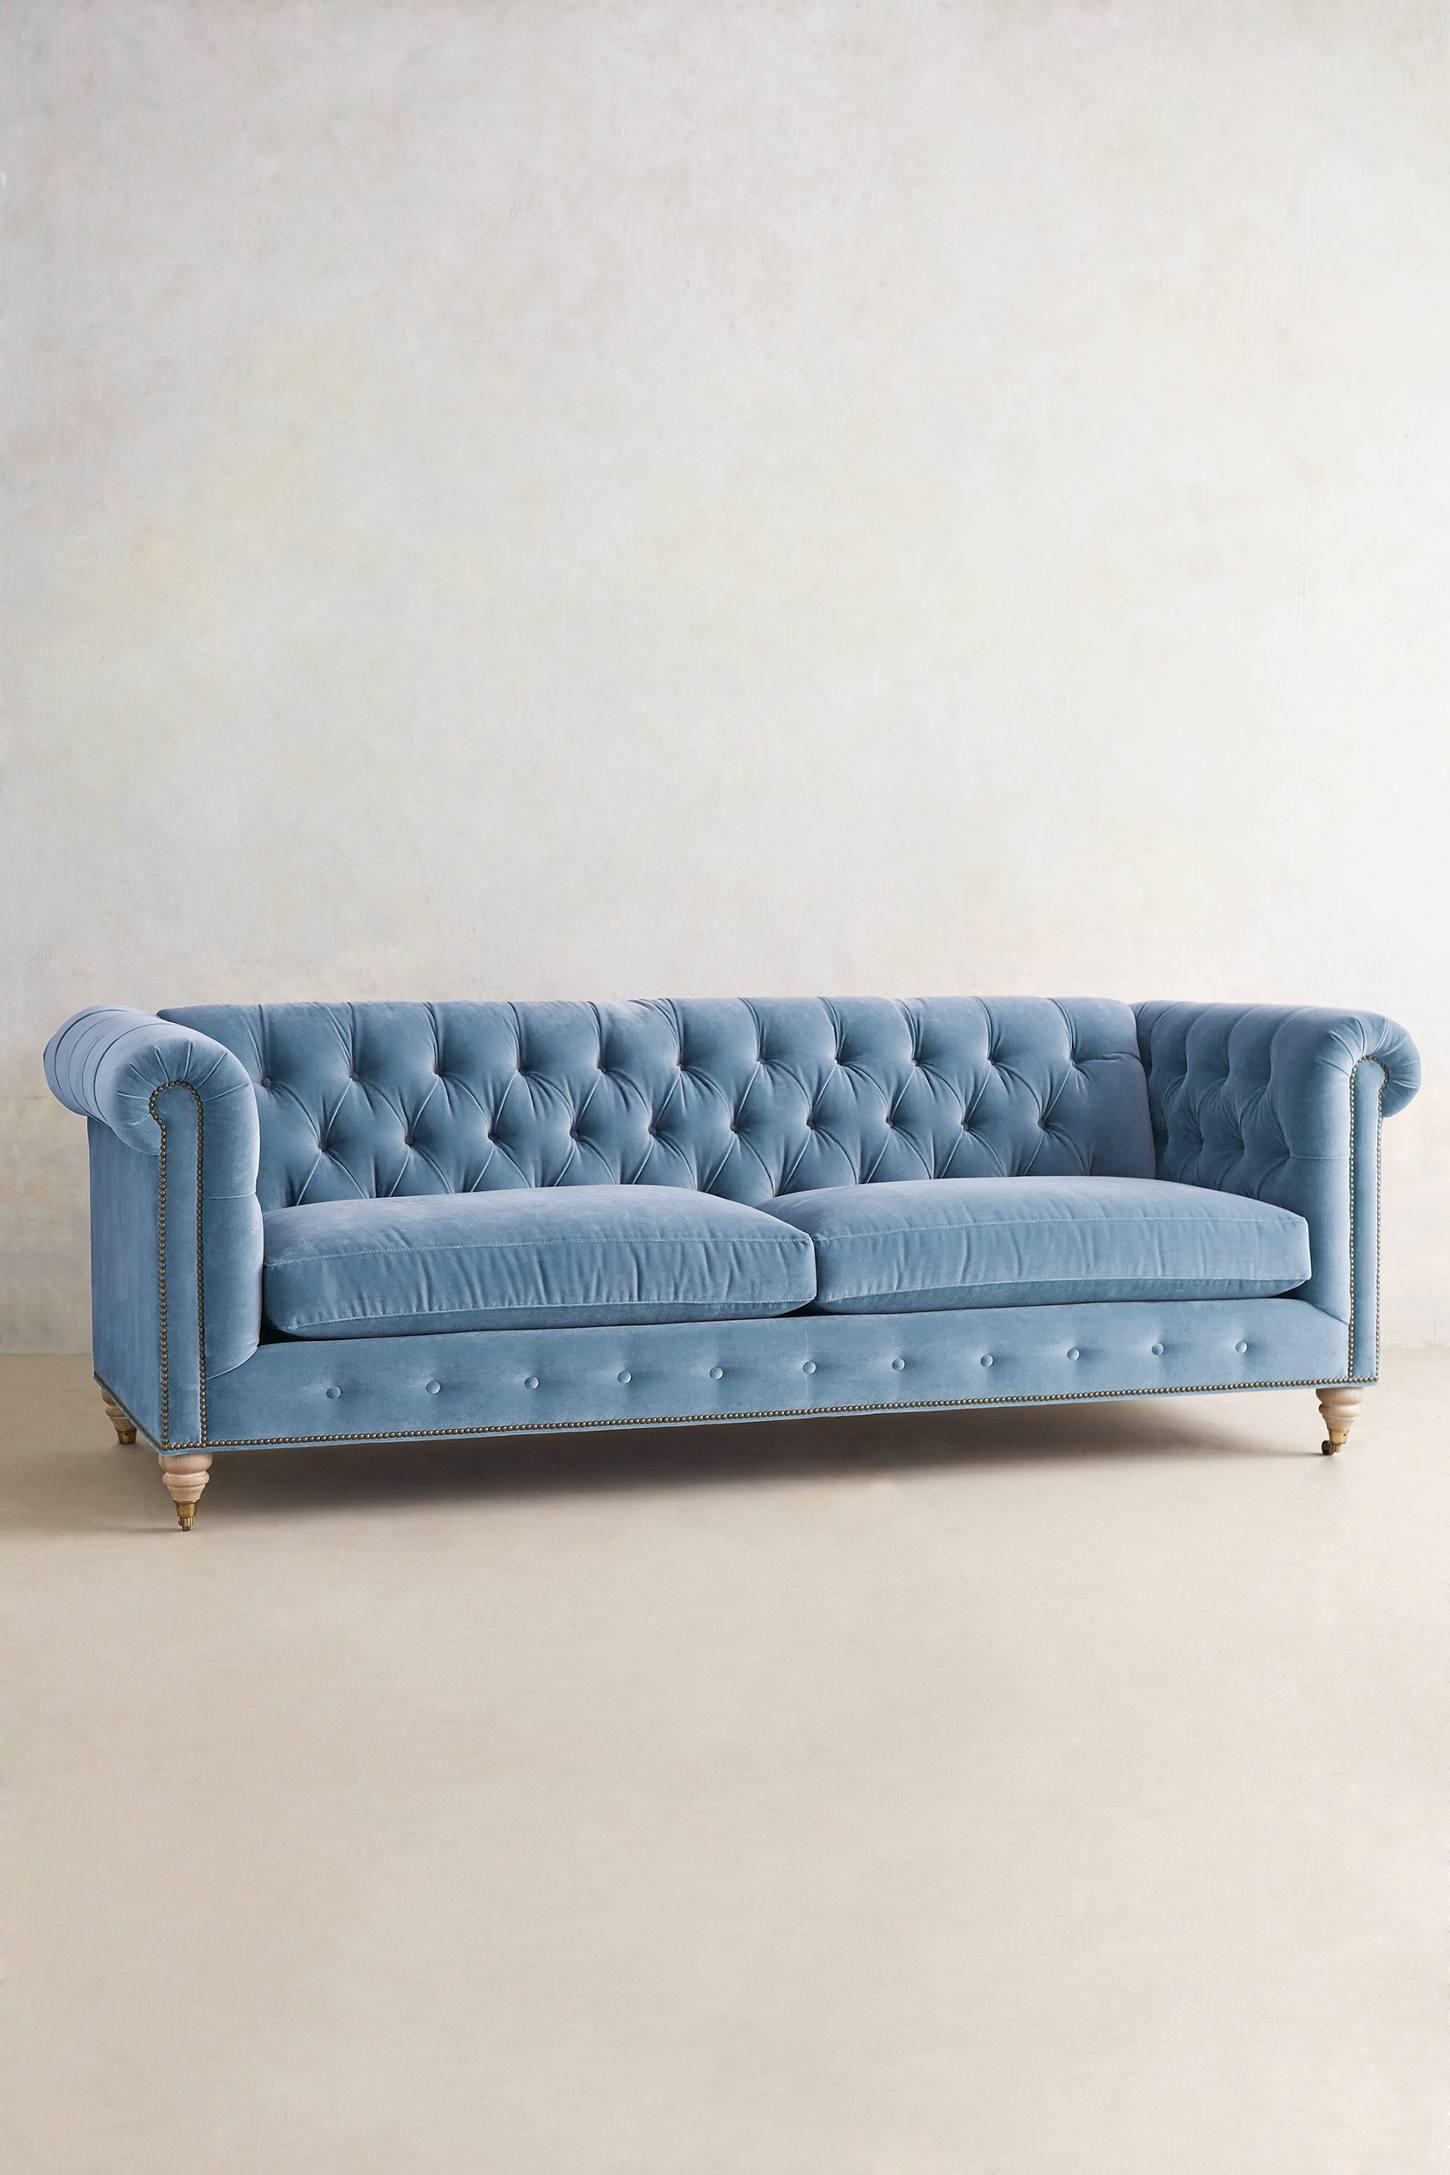 Pale Blue Velvet Sofa Living Room Sofa Chesterfield Sofa Furniture